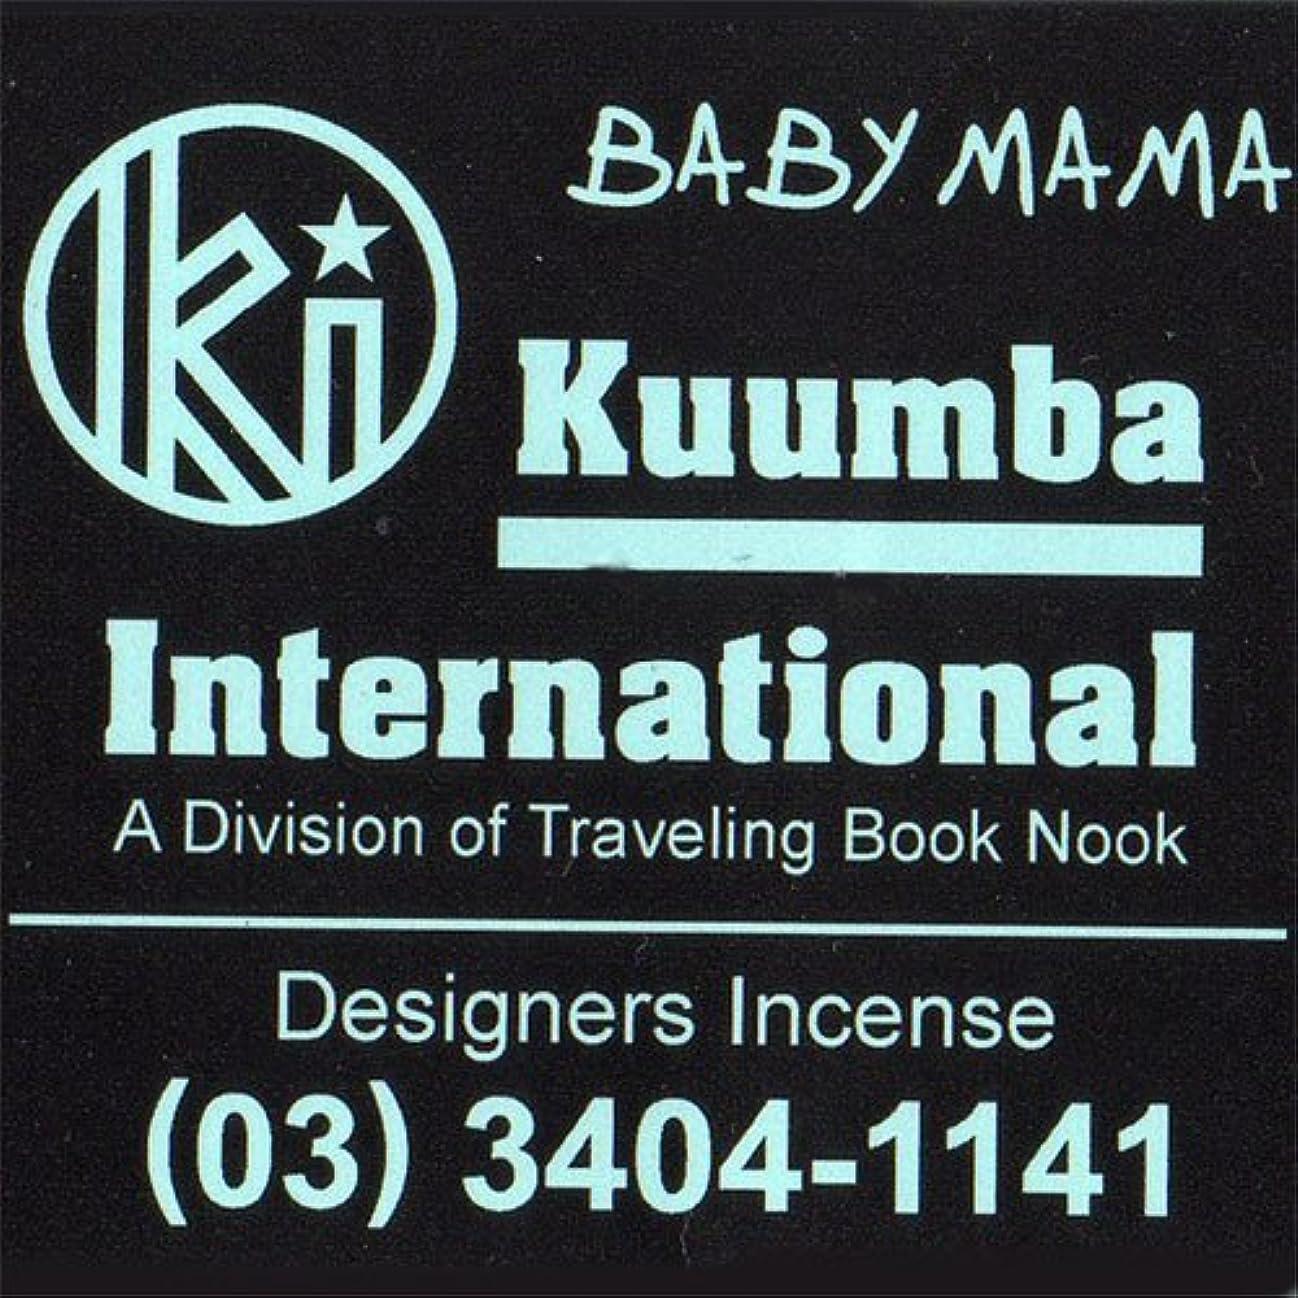 登録ペンダント正規化KUUMBA / クンバ『incense』(BABY MAMA) (Regular size)